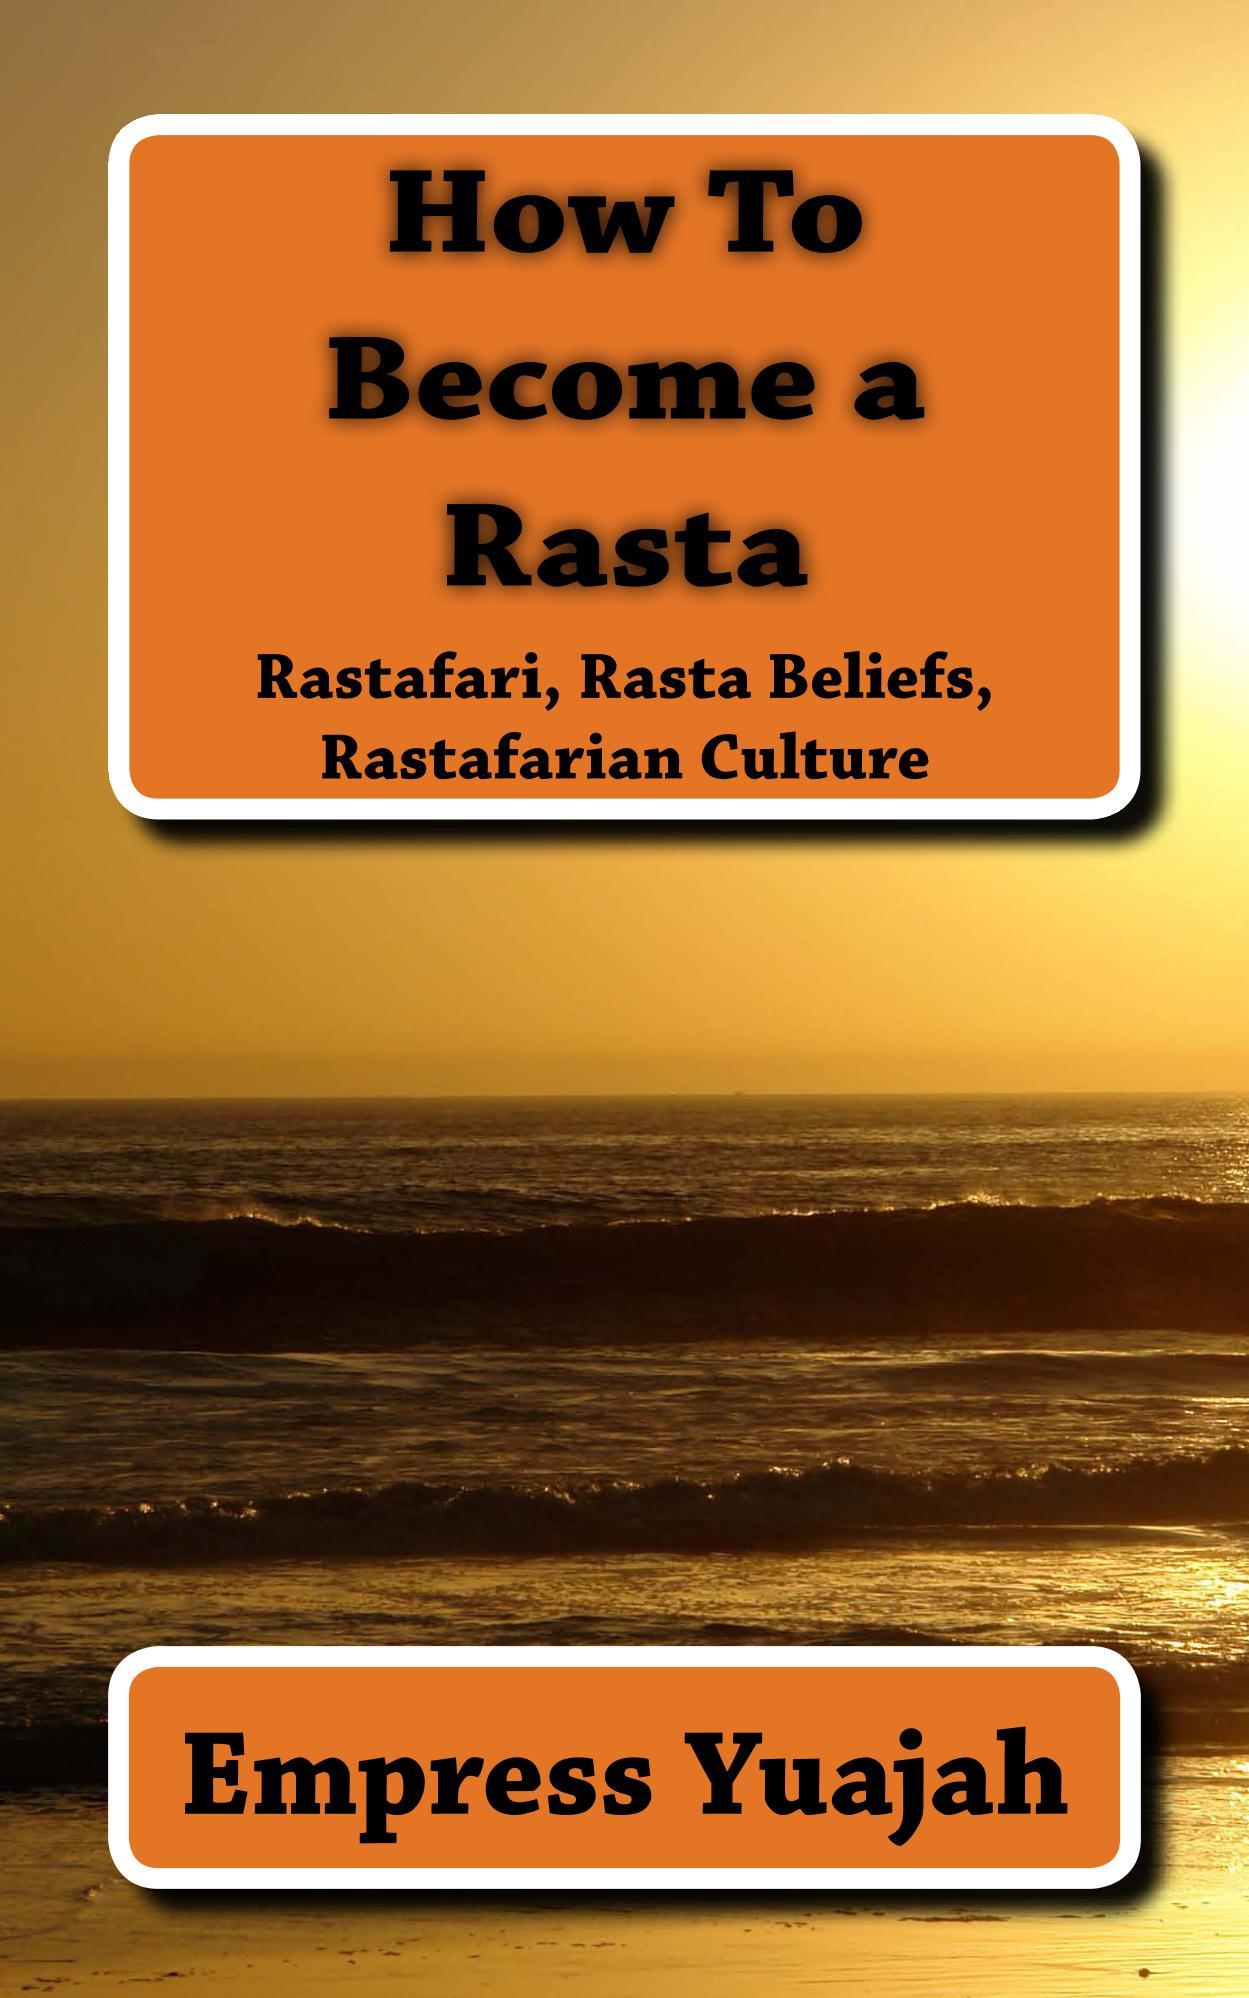 Rasta Love Quotes About  Jamaica & Rastafari Culture